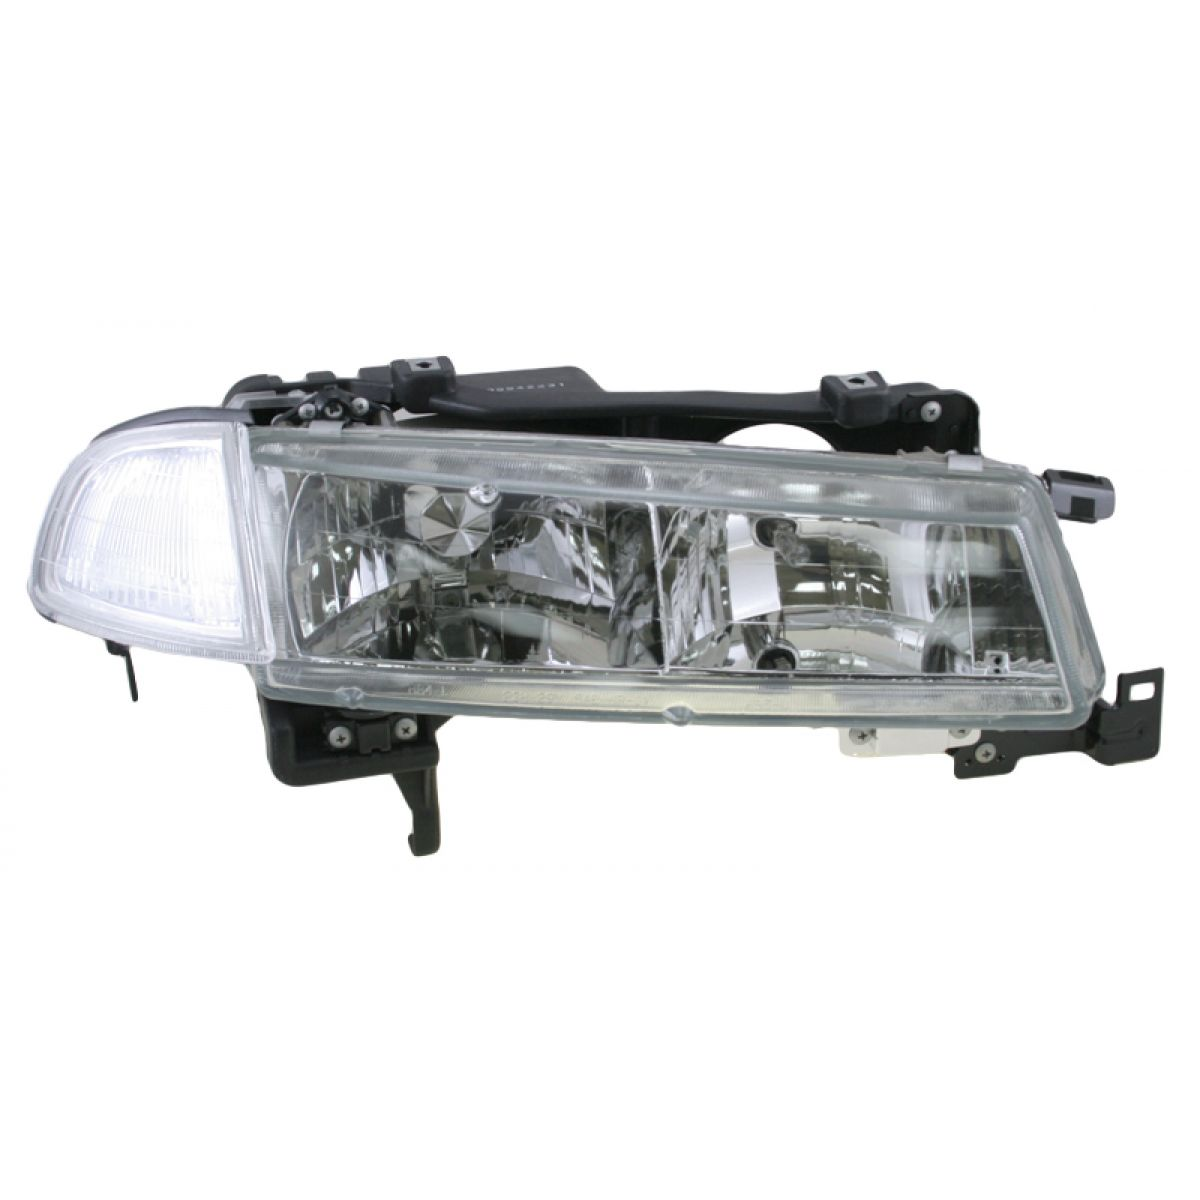 Headlight Headlamp Passenger Side Right Rh New For 92 96